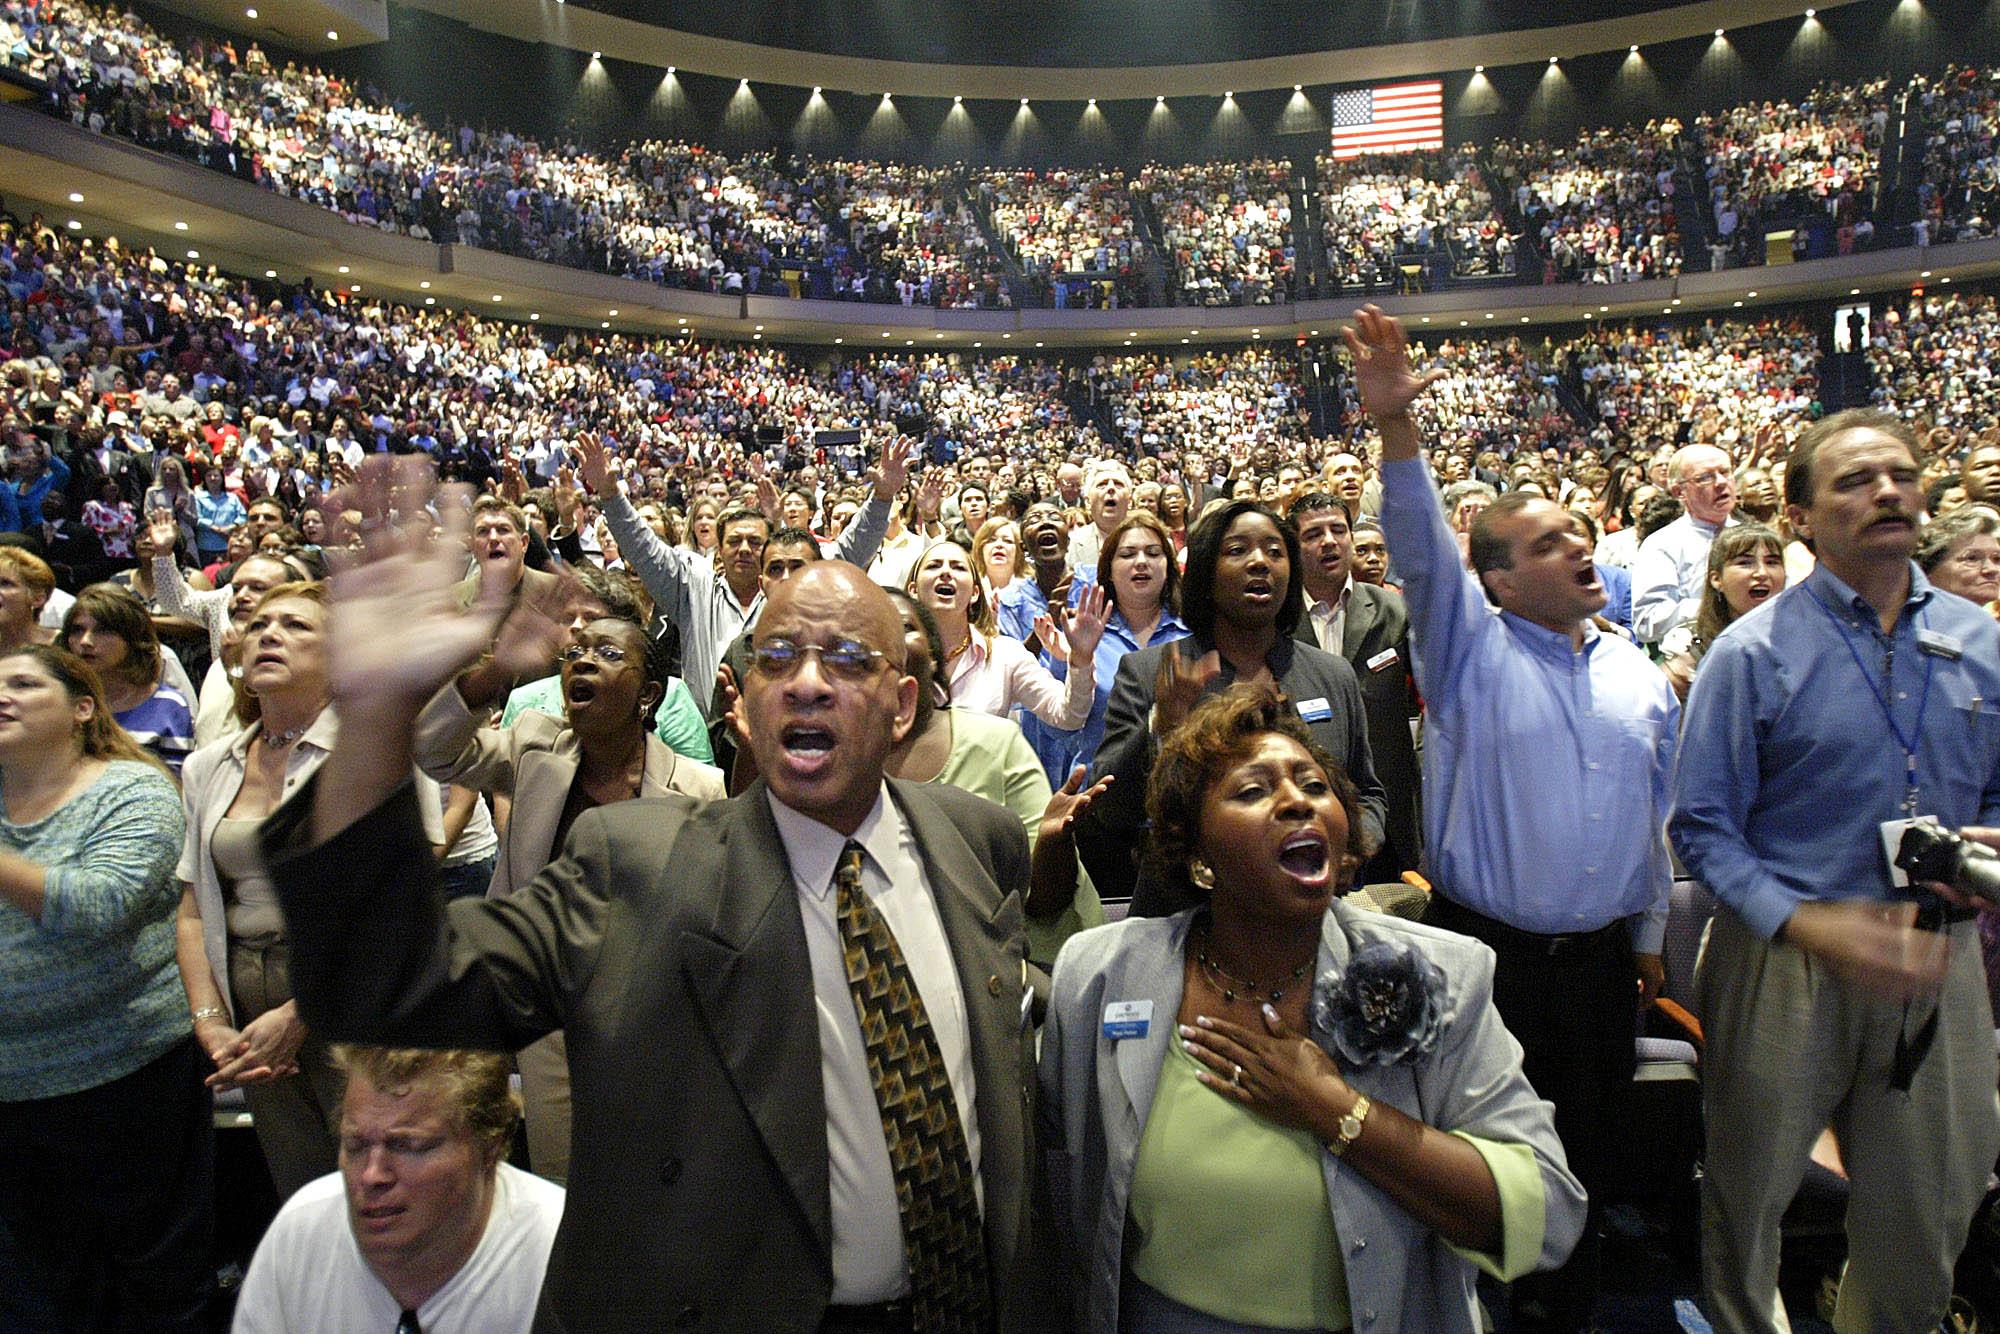 Une grande foule debout, les bras levés © AP Images